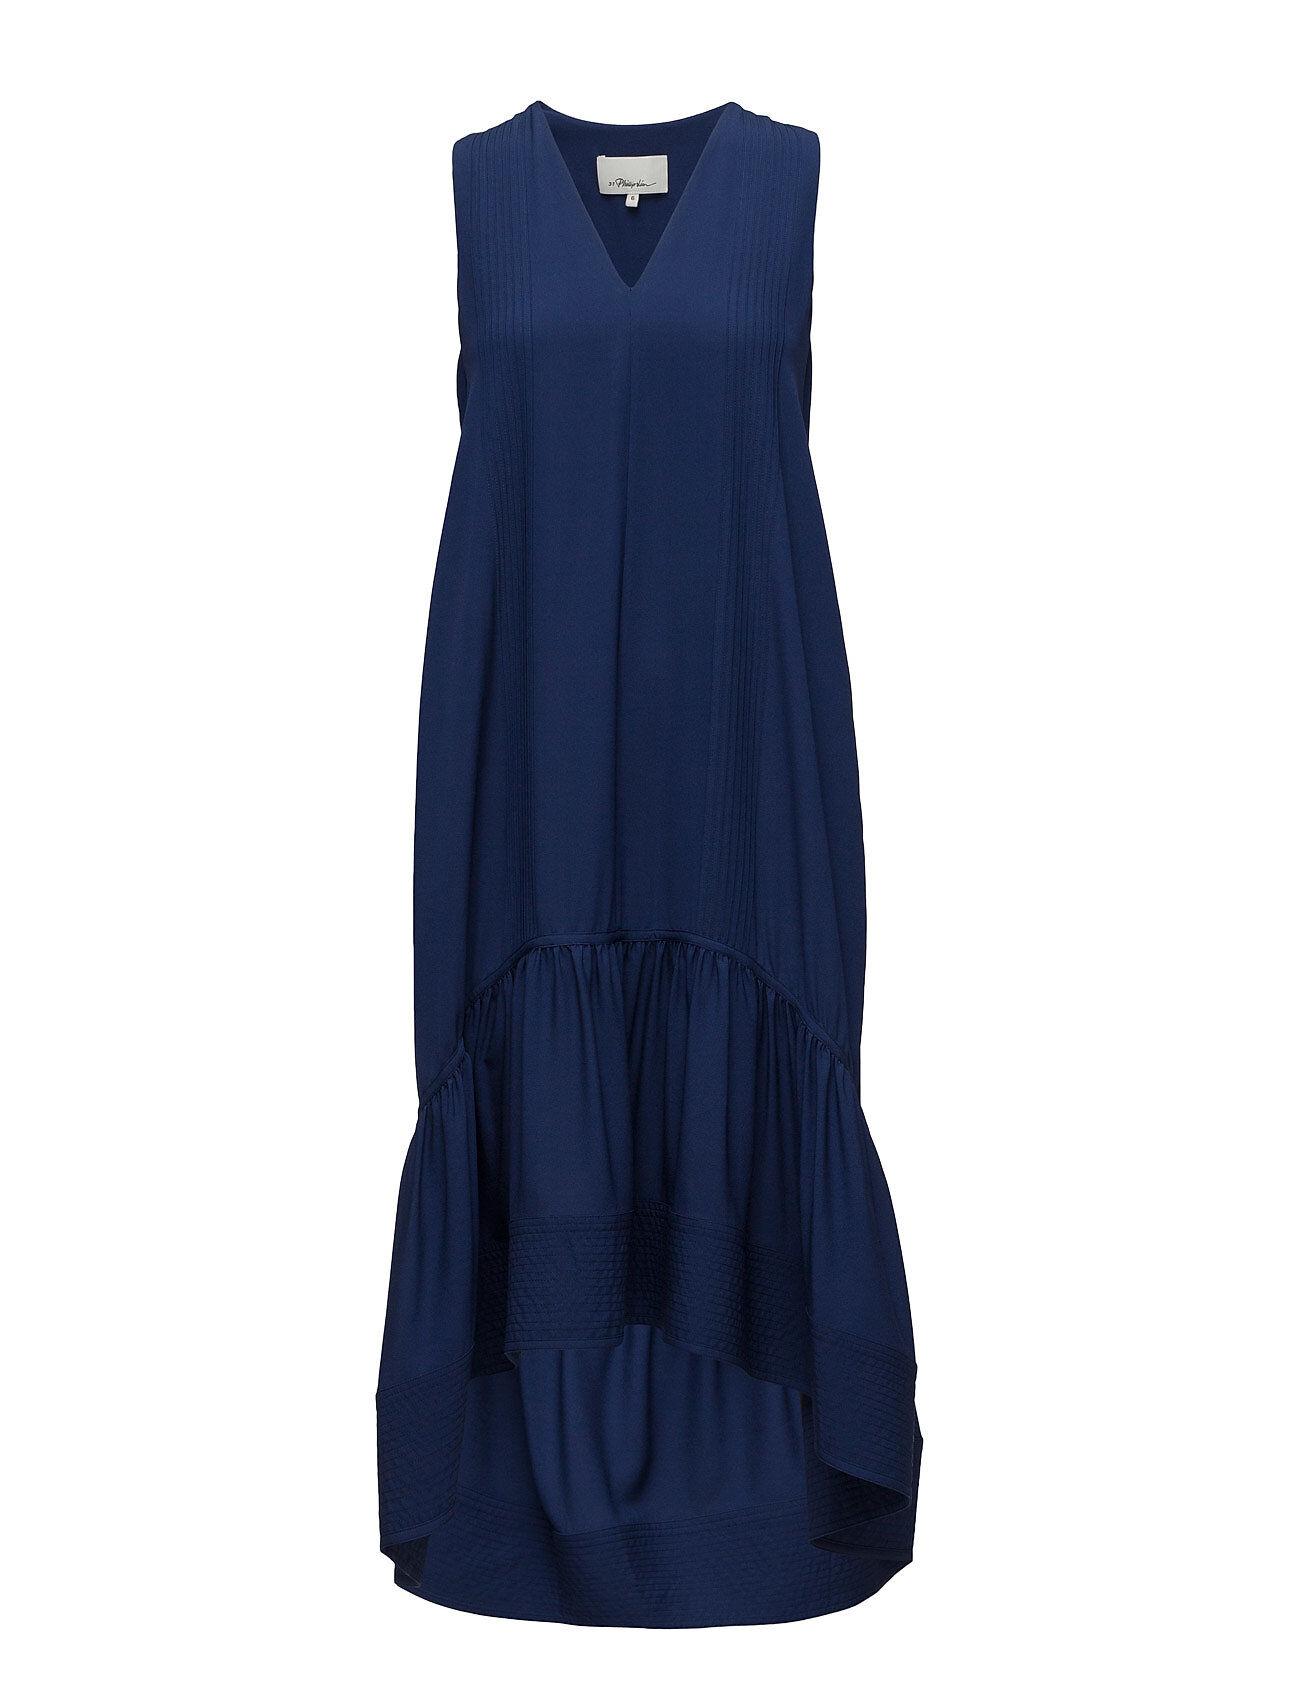 3.1 Phillip Lim Sl Dress W Stitch Detail At Hem